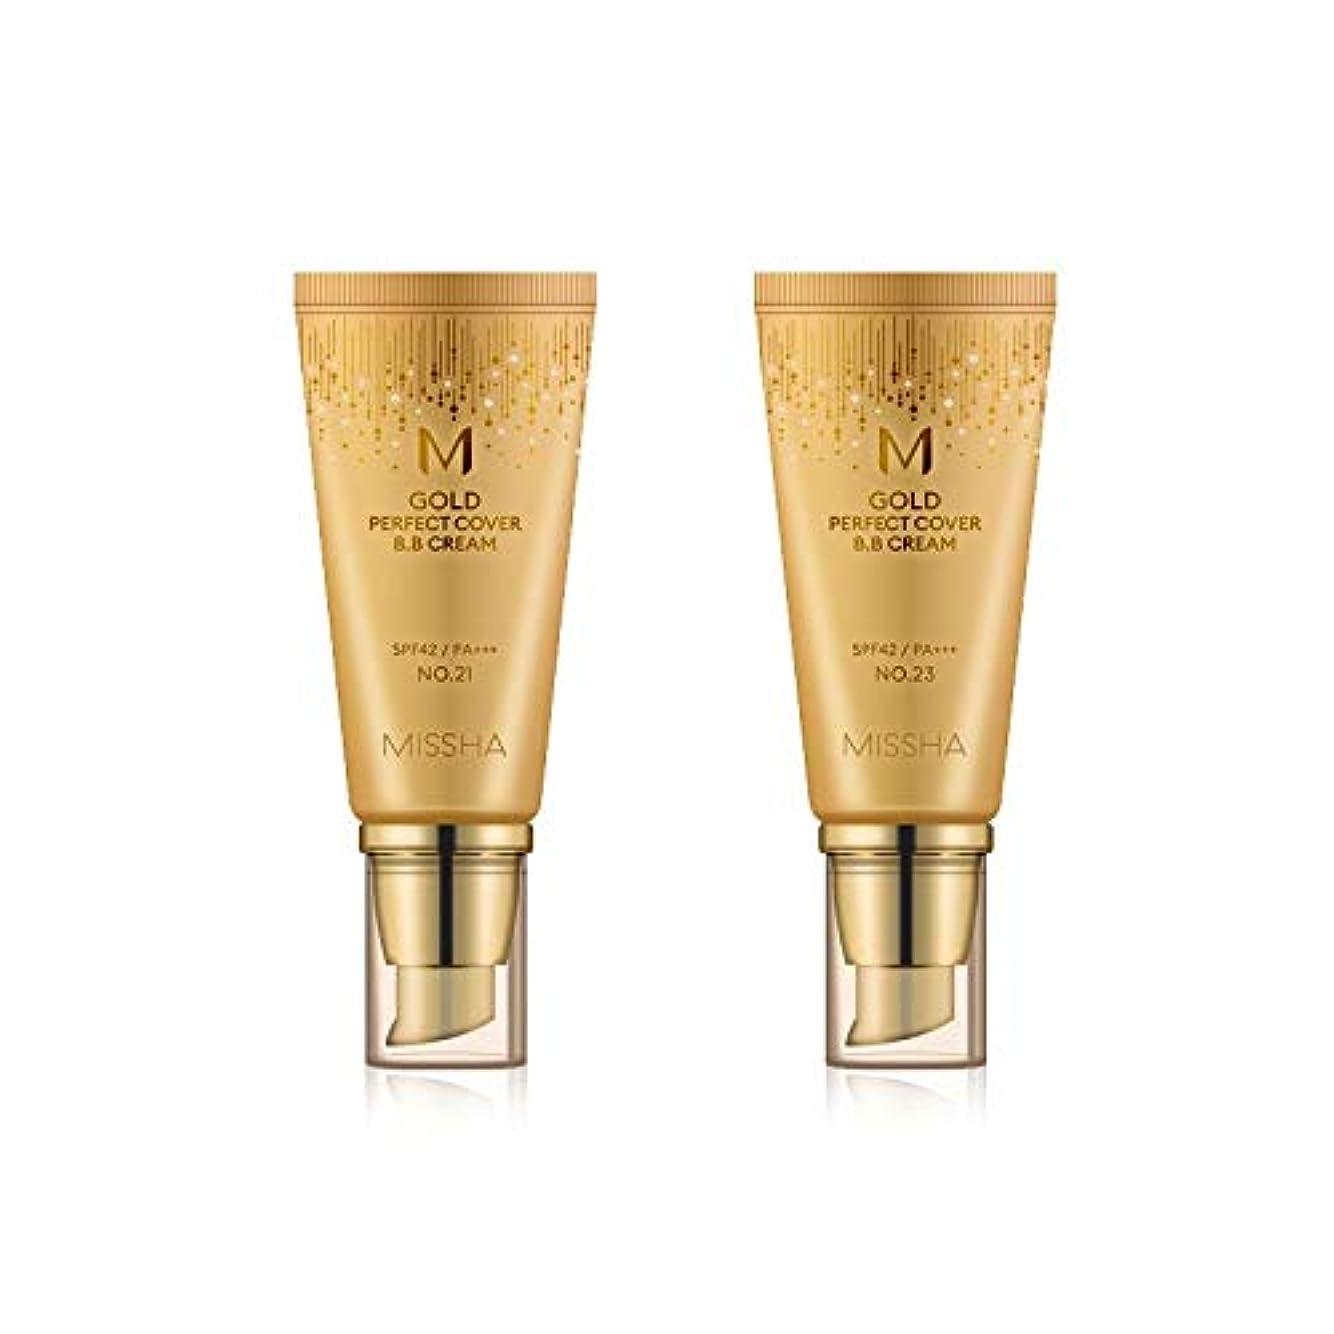 結核ヒット卑しいMISSHA Gold Perfecte Cover BB Cream SPF42 PA+++ / ミシャ ゴールド パーフェクト カバー BBクリーム 50ml *NO.21 [並行輸入品]